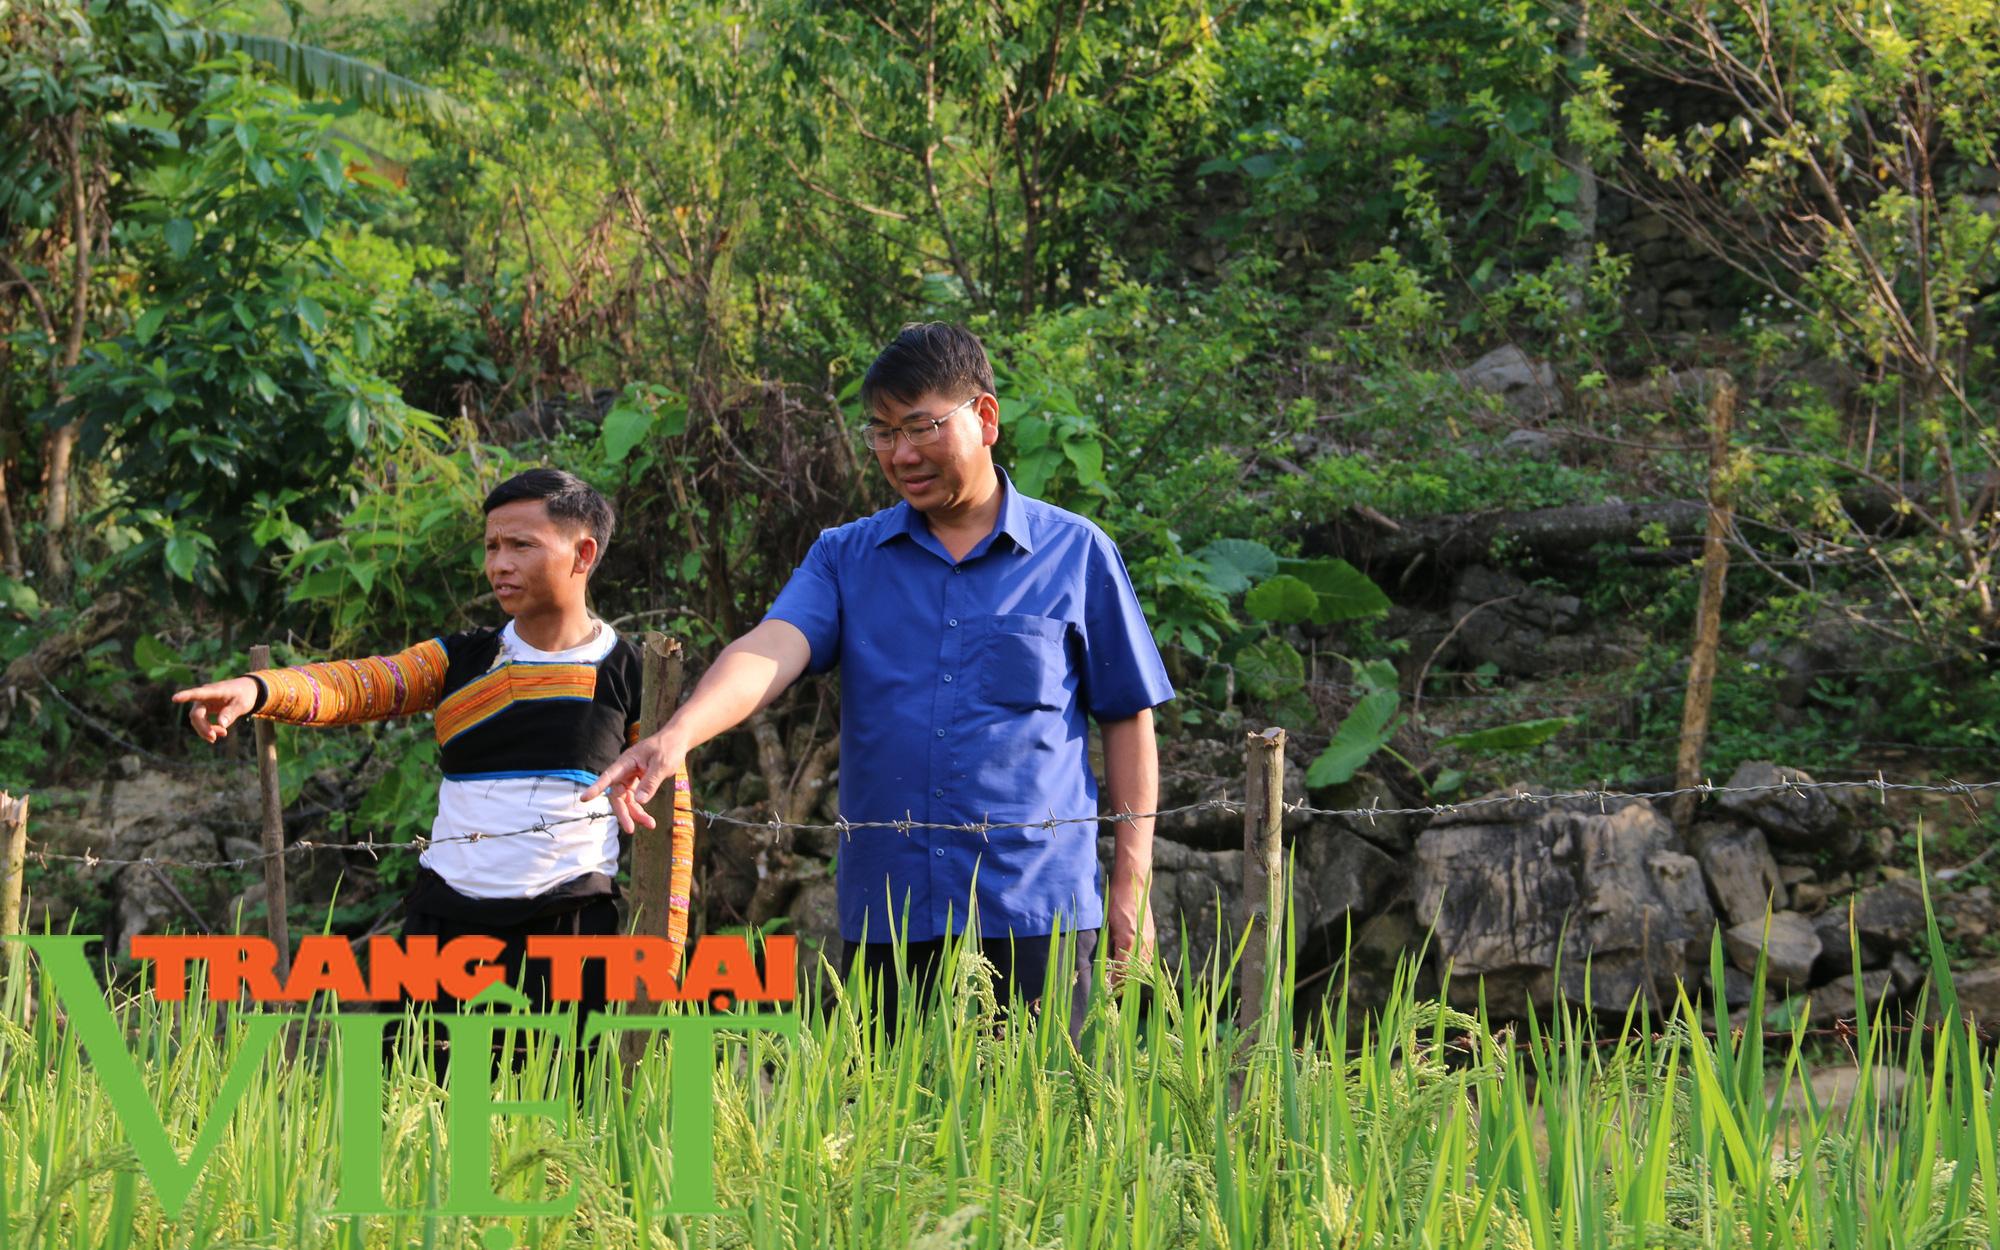 Nông dân dạy nông dân, giúp nhau làm giàu thiết thực